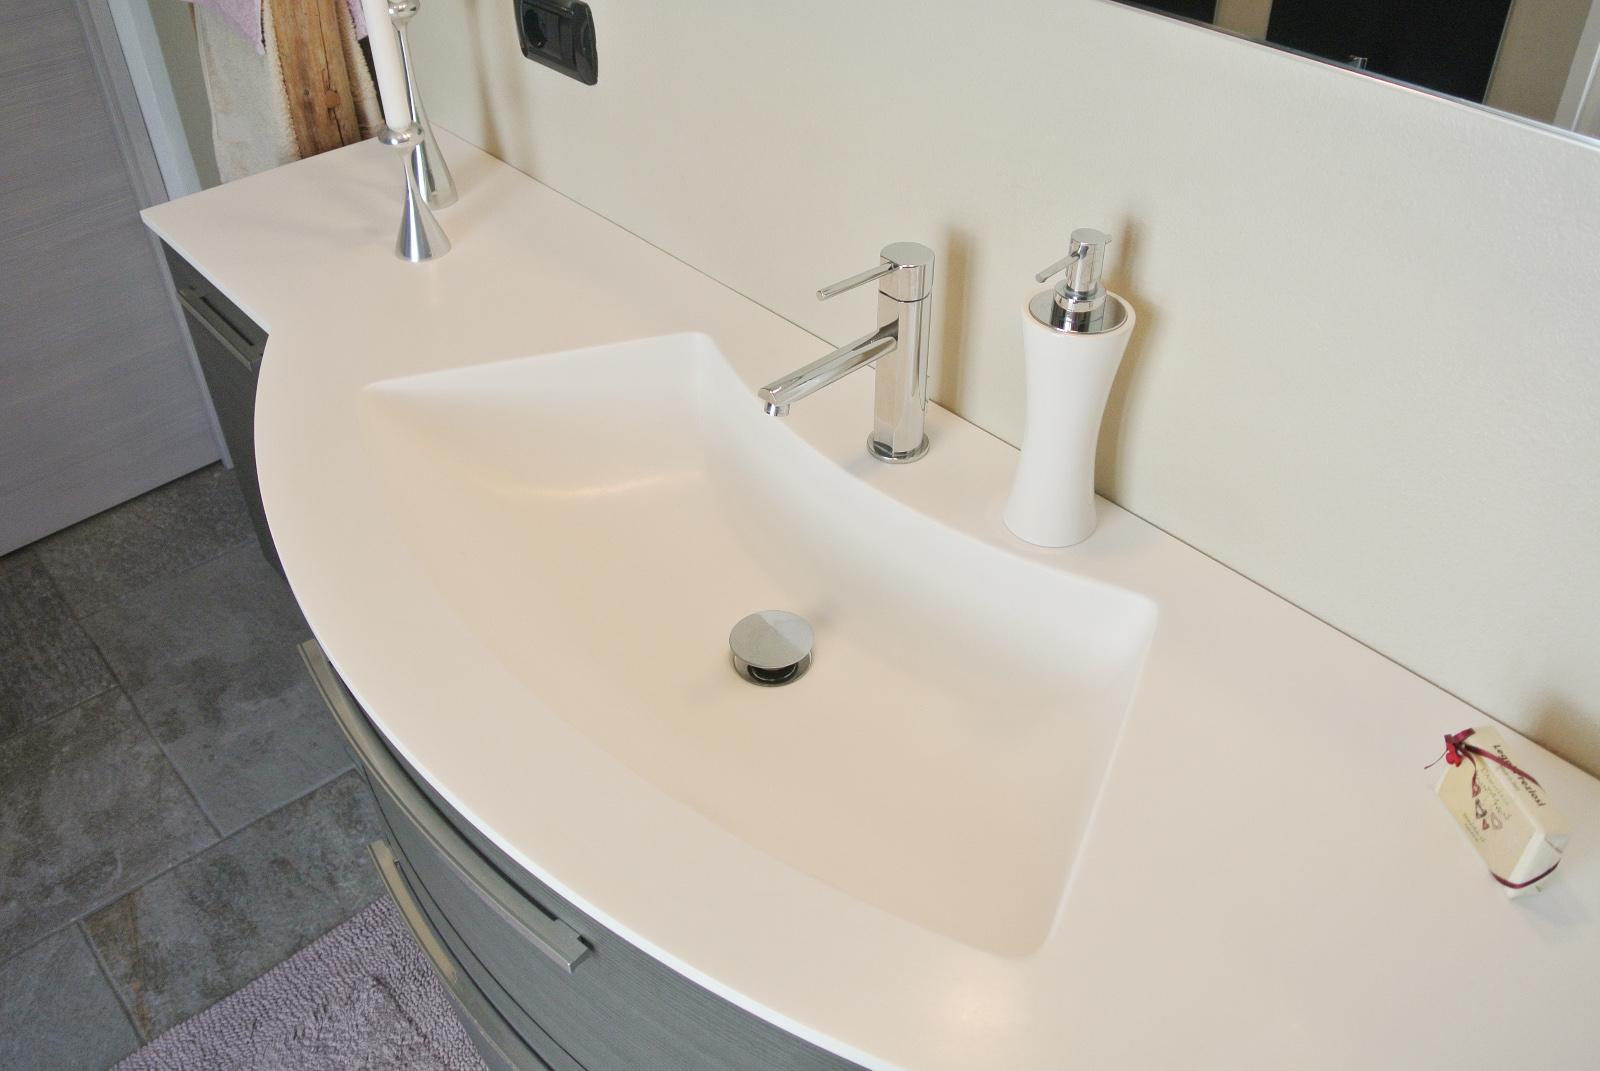 Works sintesibagno progetto e realizzazione arredobagno - Piatto doccia incassato nel pavimento ...